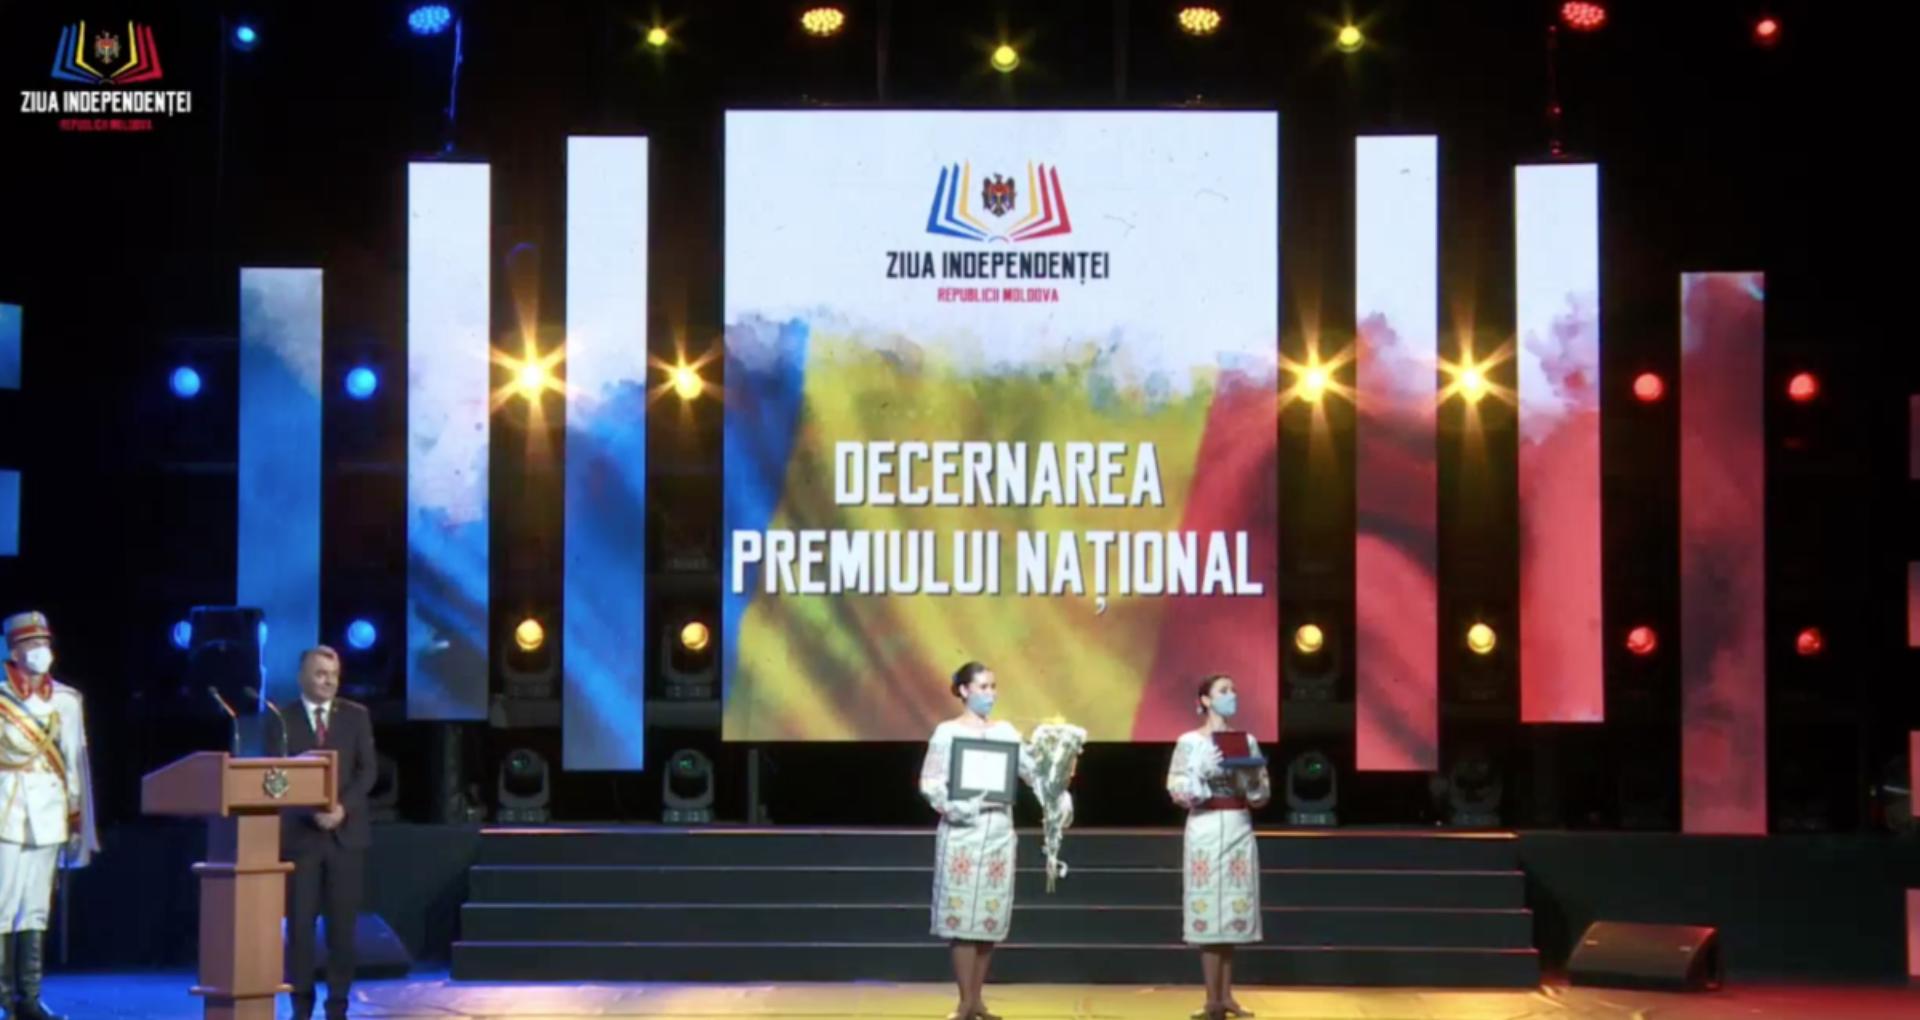 Cabinetul de miniștri a aprobat lista laureaților din anul curent a Premiului Național. Câștigătorii vor primi o recompensă financiară de 100 mii de lei